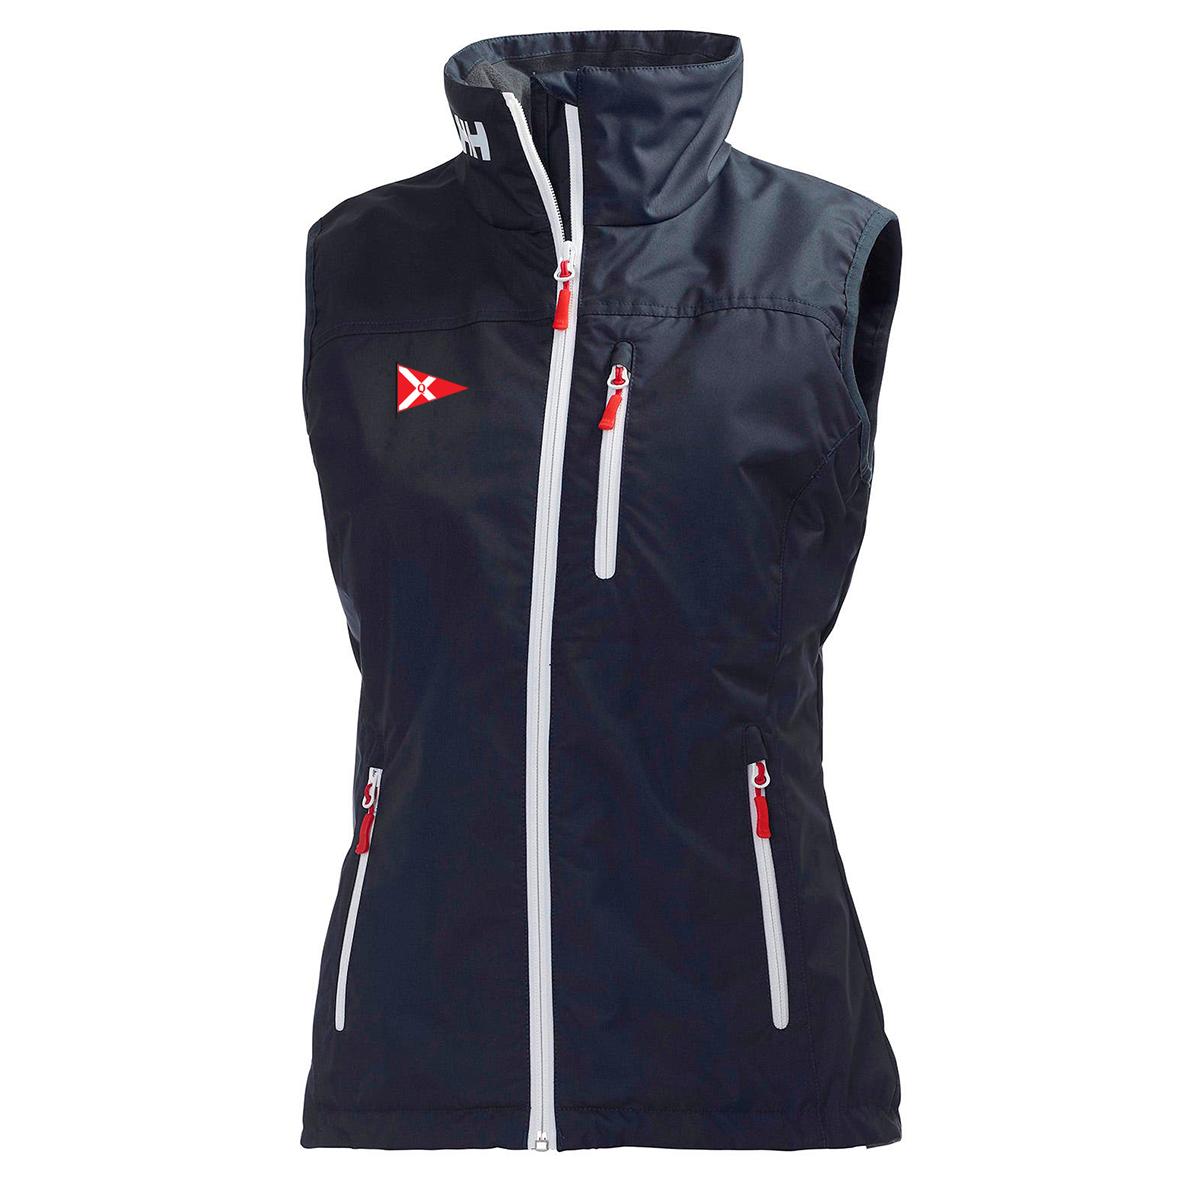 Quissett Yacht Club - Women's Helly Hansen Crew Vest (QYC402)